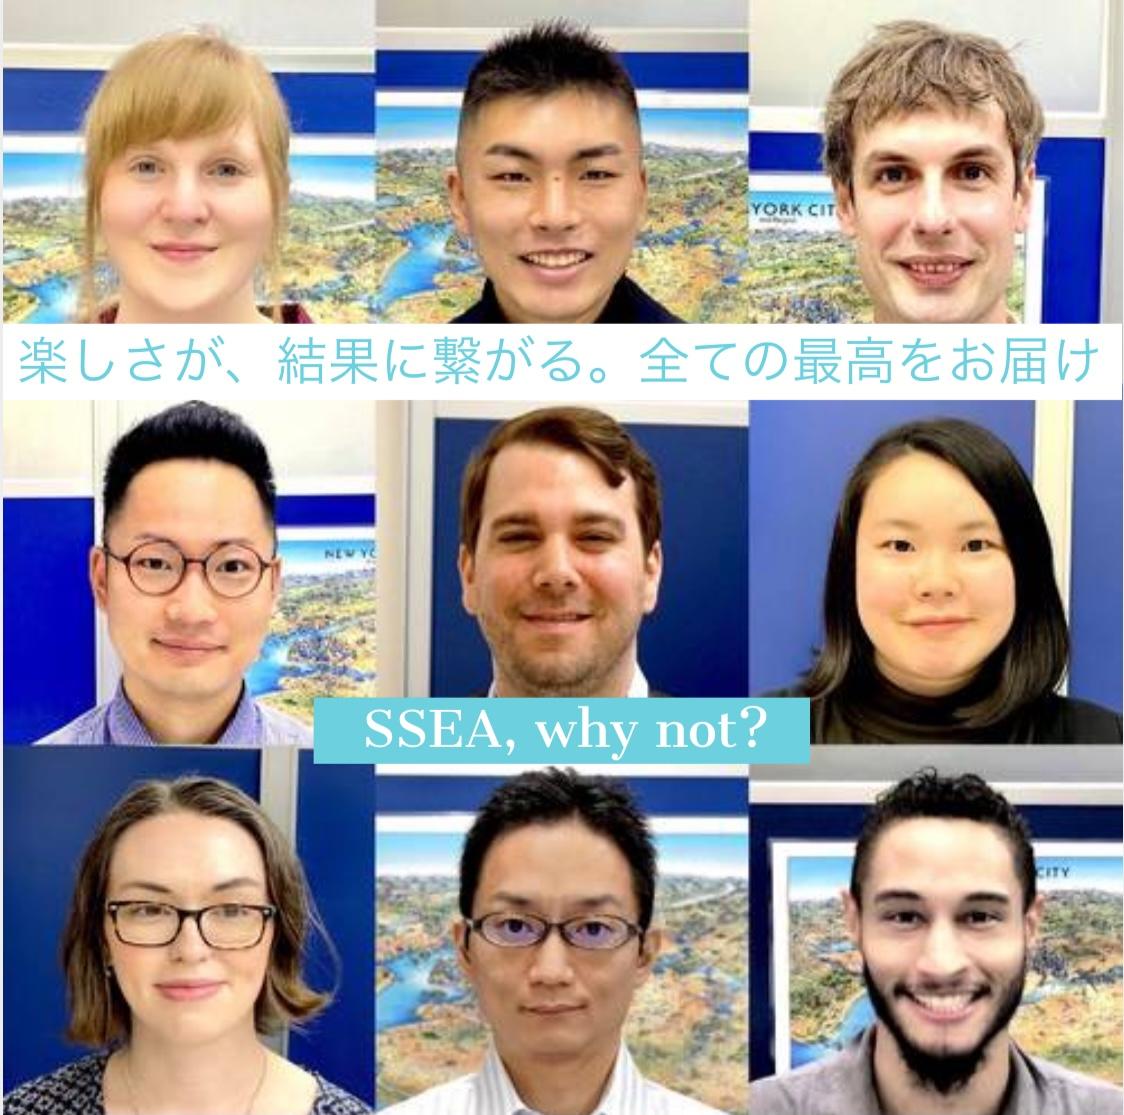 【スクール管理ポジション/フルタイム社員募集】カジュアルな雰囲気の多国籍企業で満足度の高い仕事を。日本の英語教育やビジネスに疑問を持つ方へ。